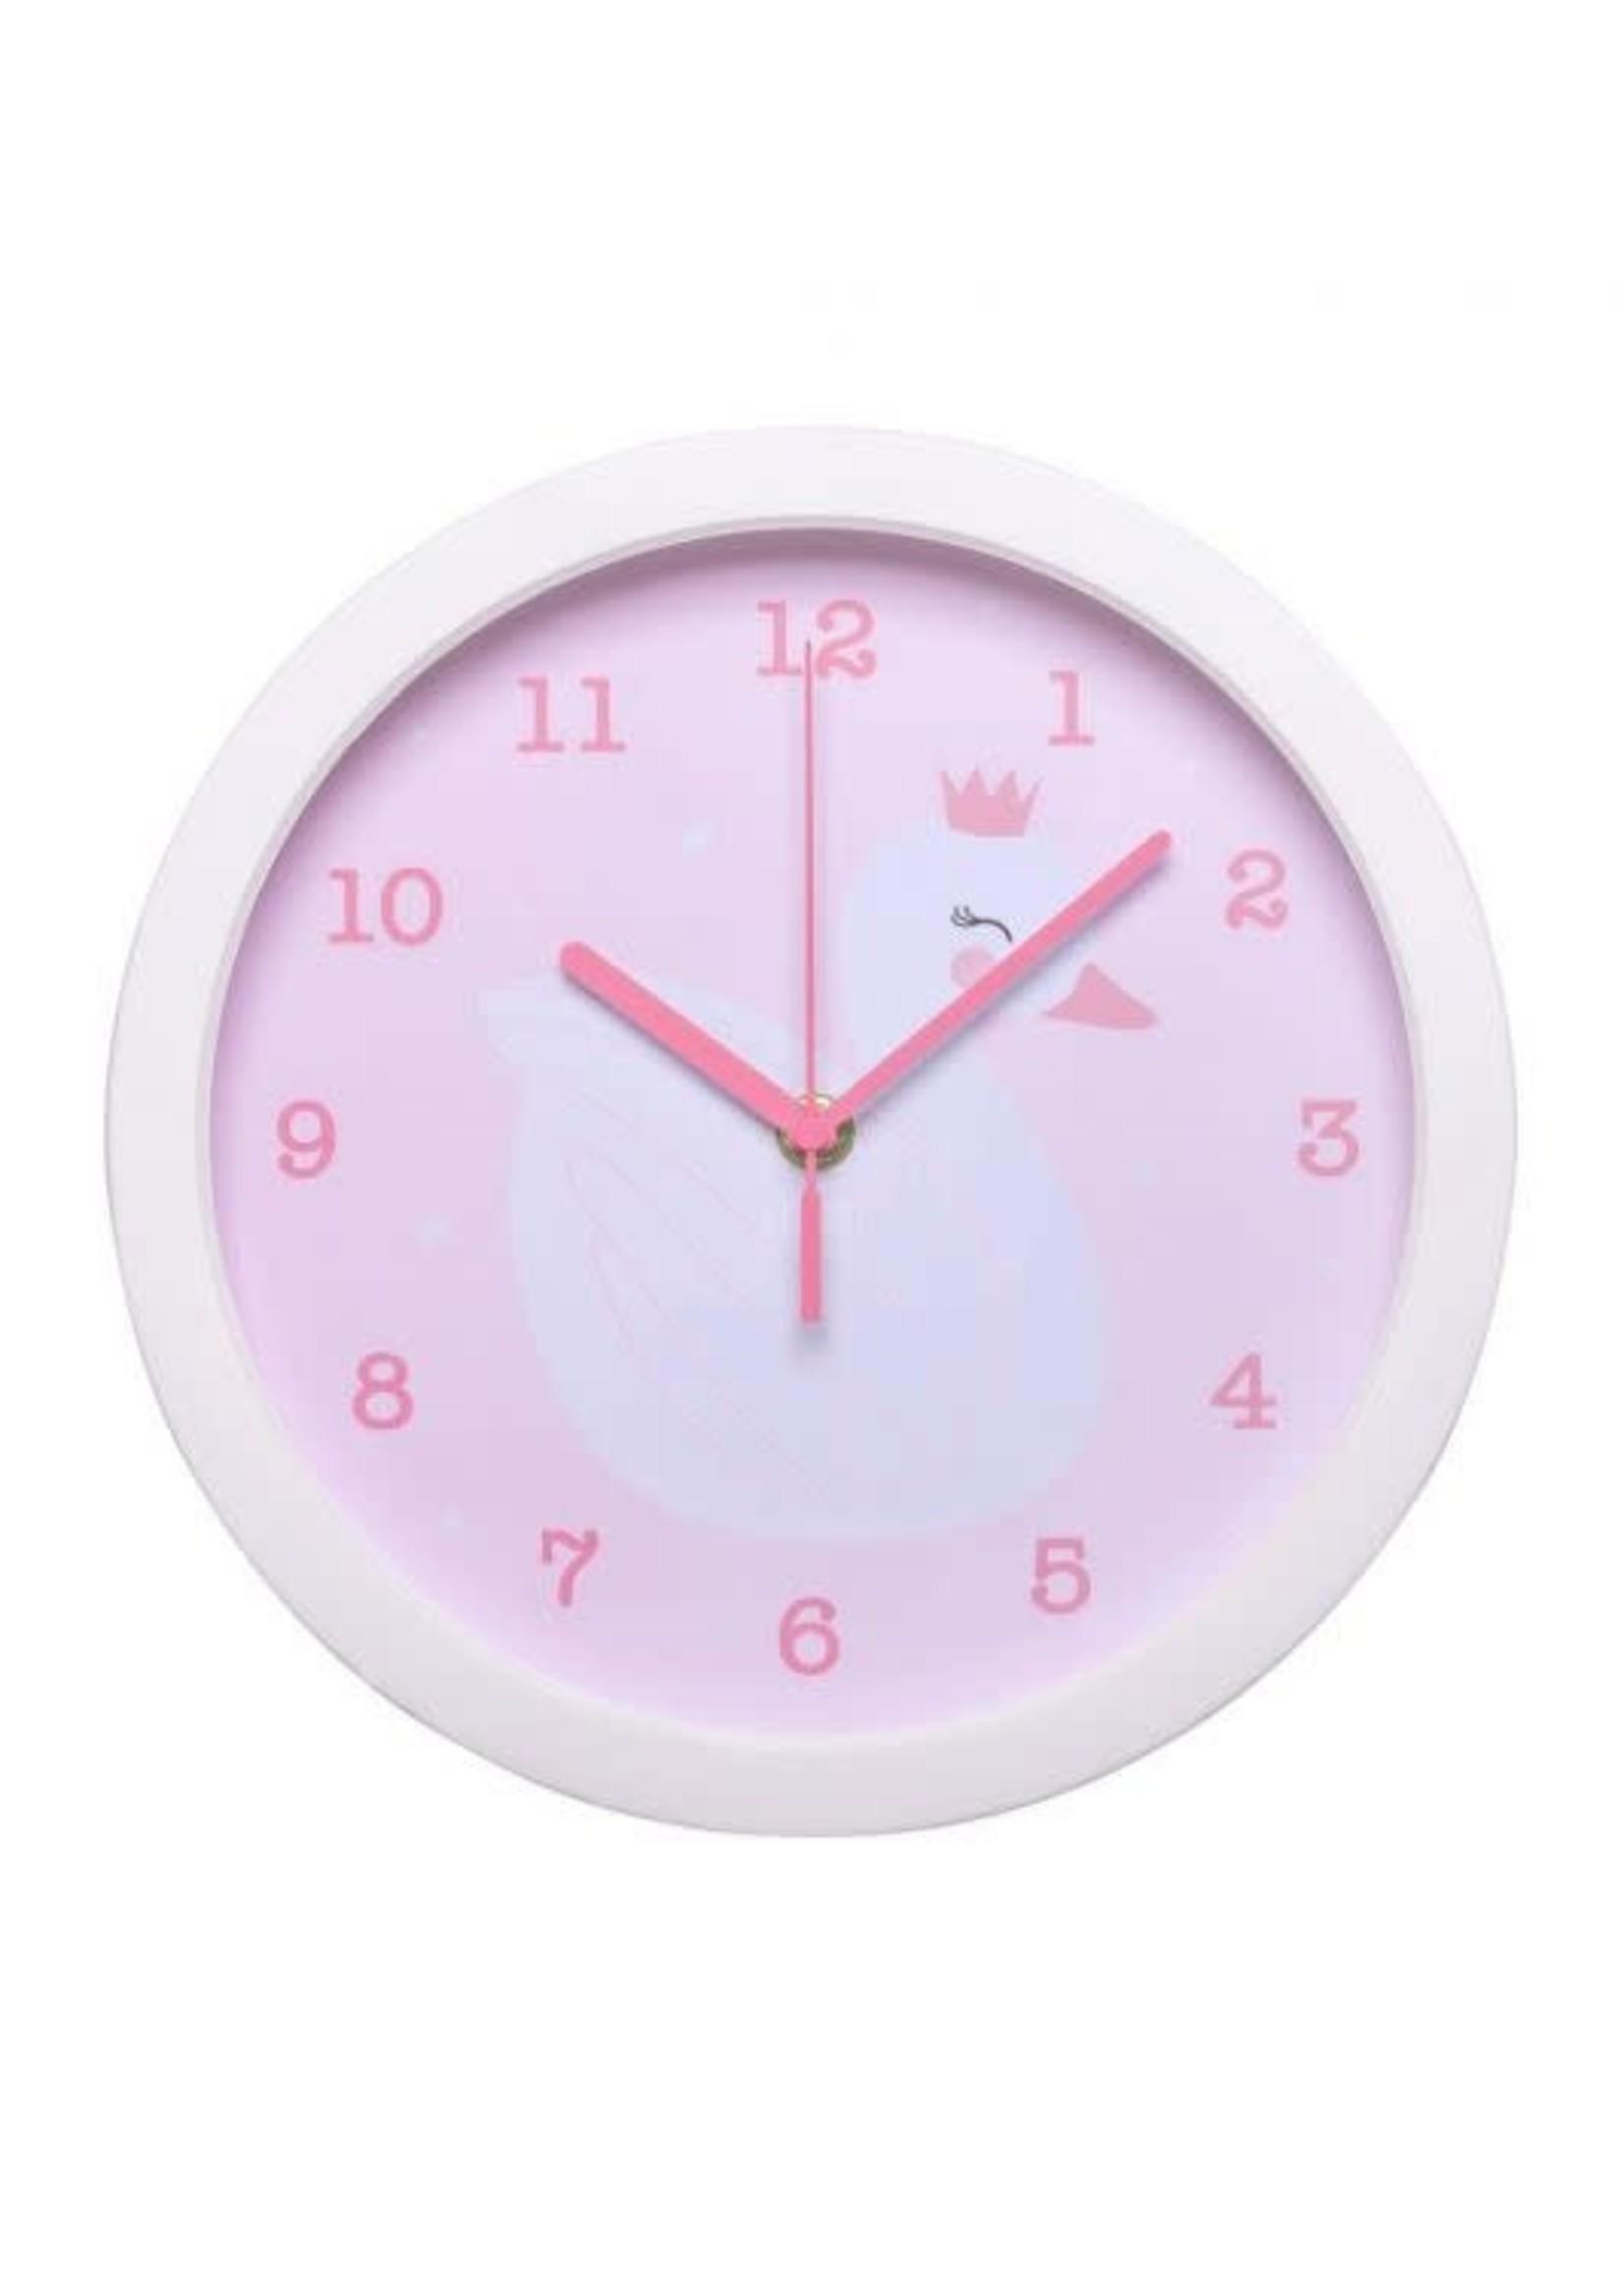 A Little Lovely Co. lovely clock